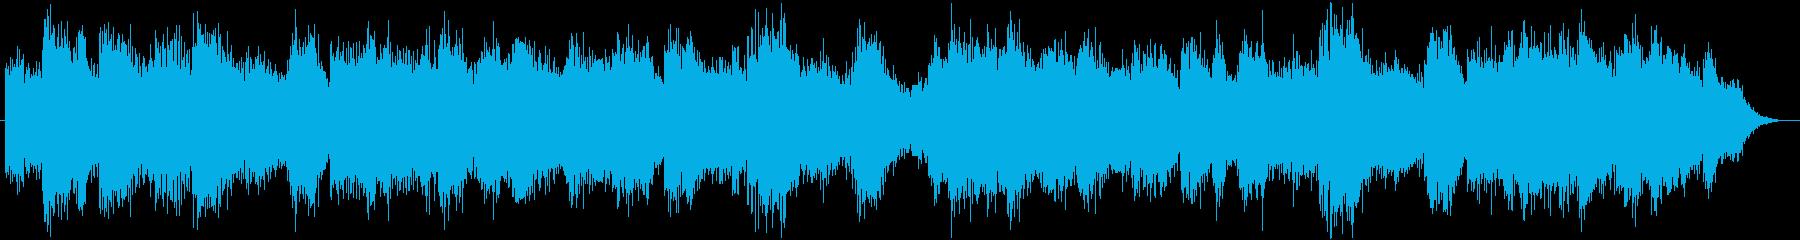 緊迫感を演出するホラー用BGMの再生済みの波形